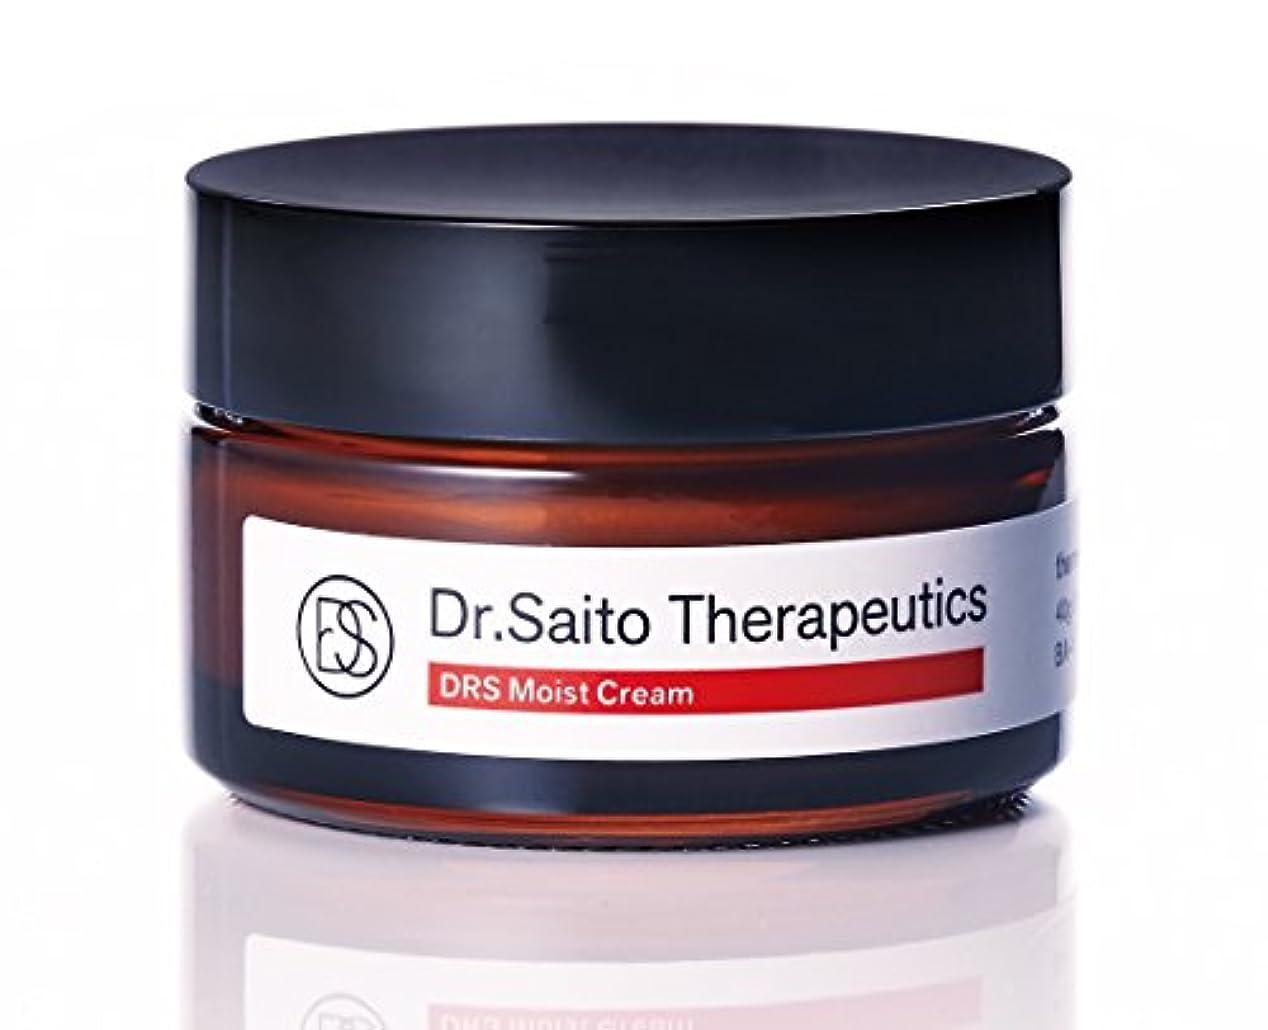 日本機能性医学研究所 Dr.Saito Therapeutics「DRS保湿クリーム」40g